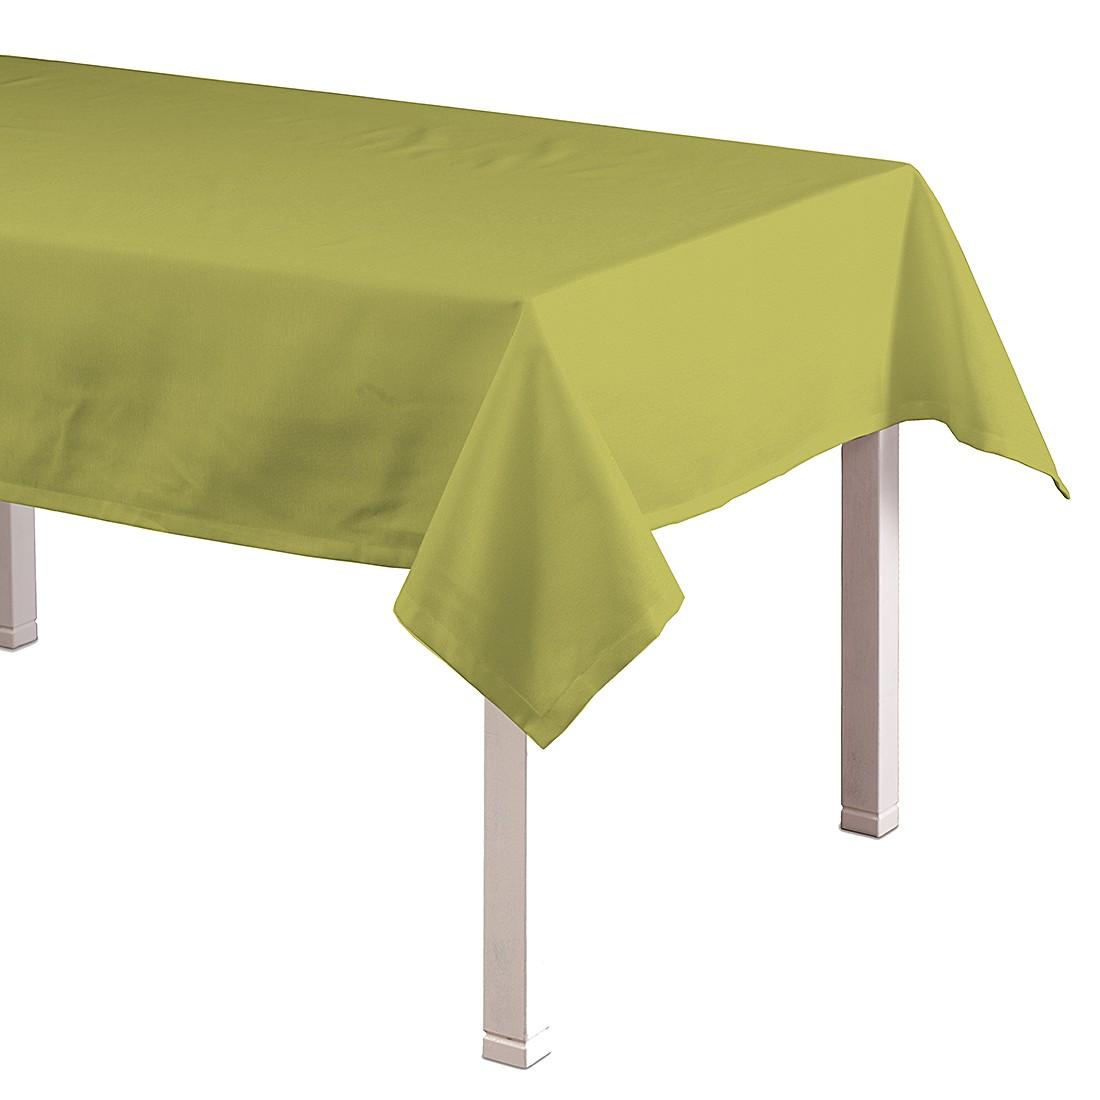 Tischdecke Loneta – Olivgrün – 130 x 250 cm, Dekoria jetzt bestellen